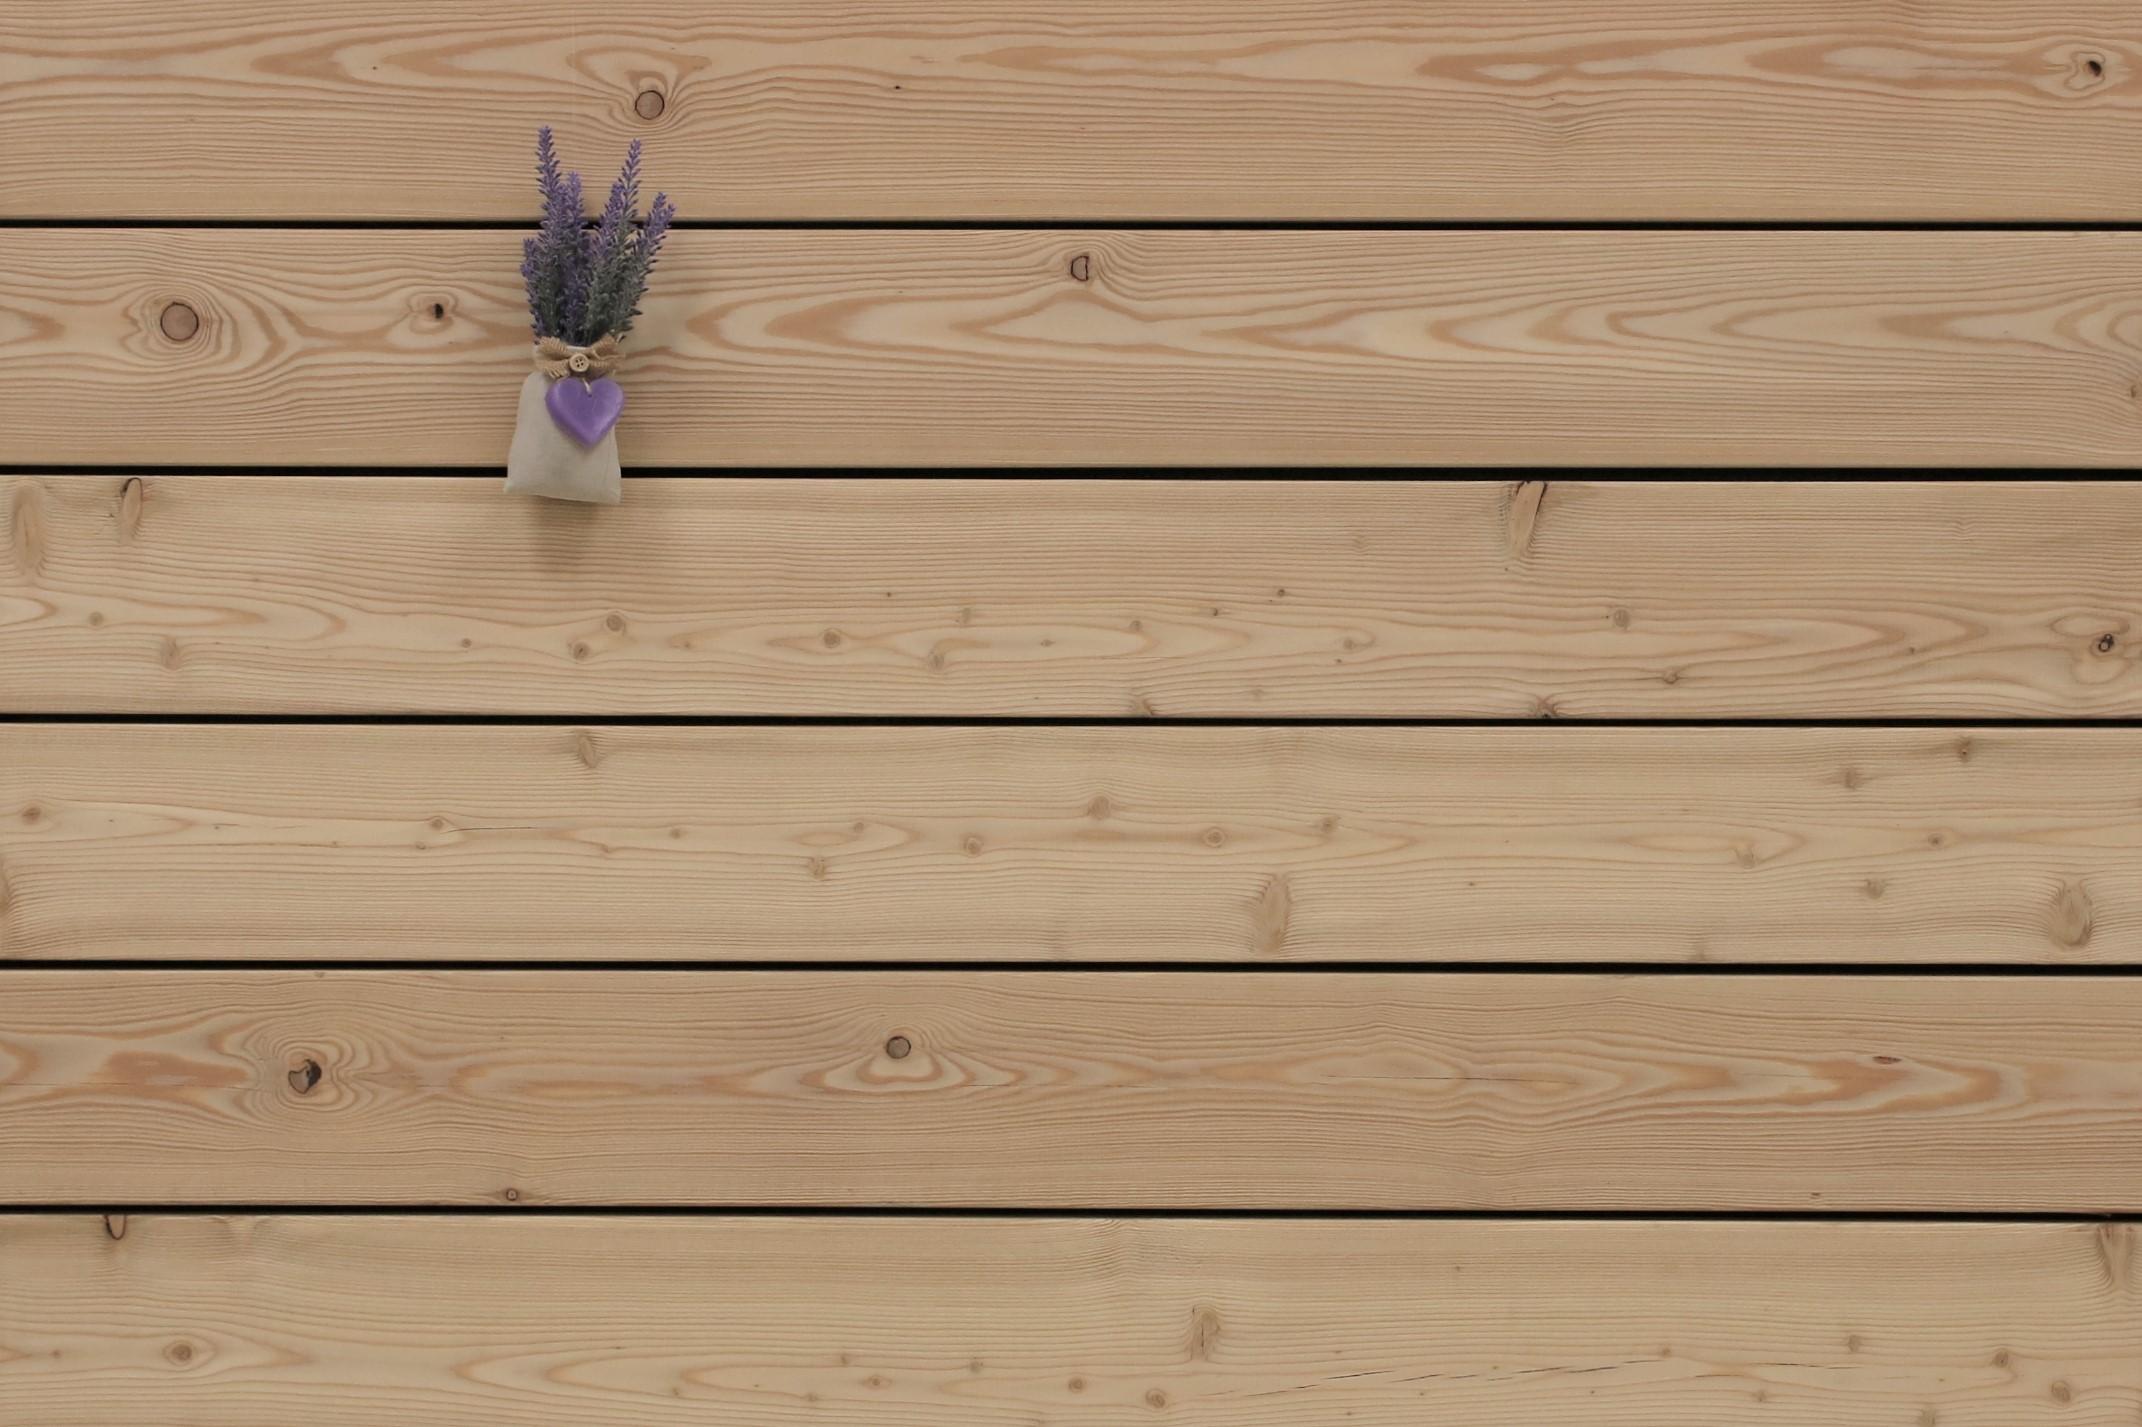 Angebot des Monats, Terrassendielen Sibirische Lärche, AB Sortierung, 27 x 143 bis 6000 mm, glatt für 3,80 €/lfm